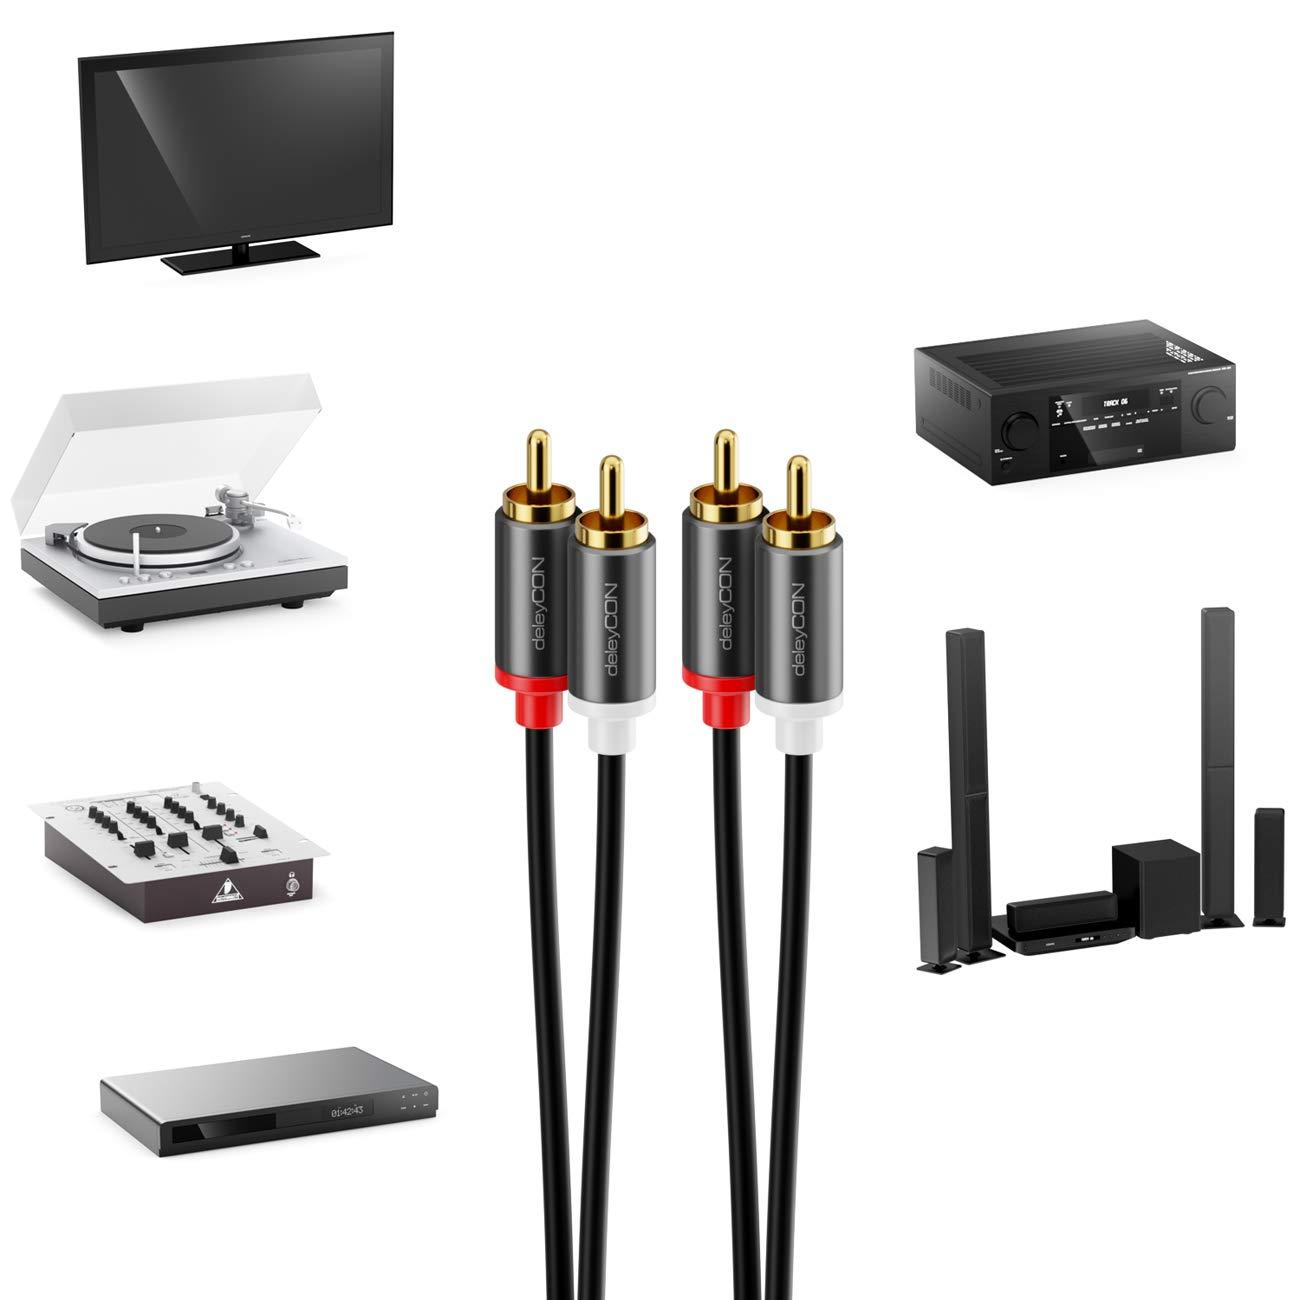 deleyCON 5m Cinch Cable RCA Cable Audio de Alta Fidelidad Conector de Metal Chapado en Oro para Amplificador de Sistema Est/éreo de Cine en Casa Receptor Alta Fidelidad Reproductor BLU-Ray